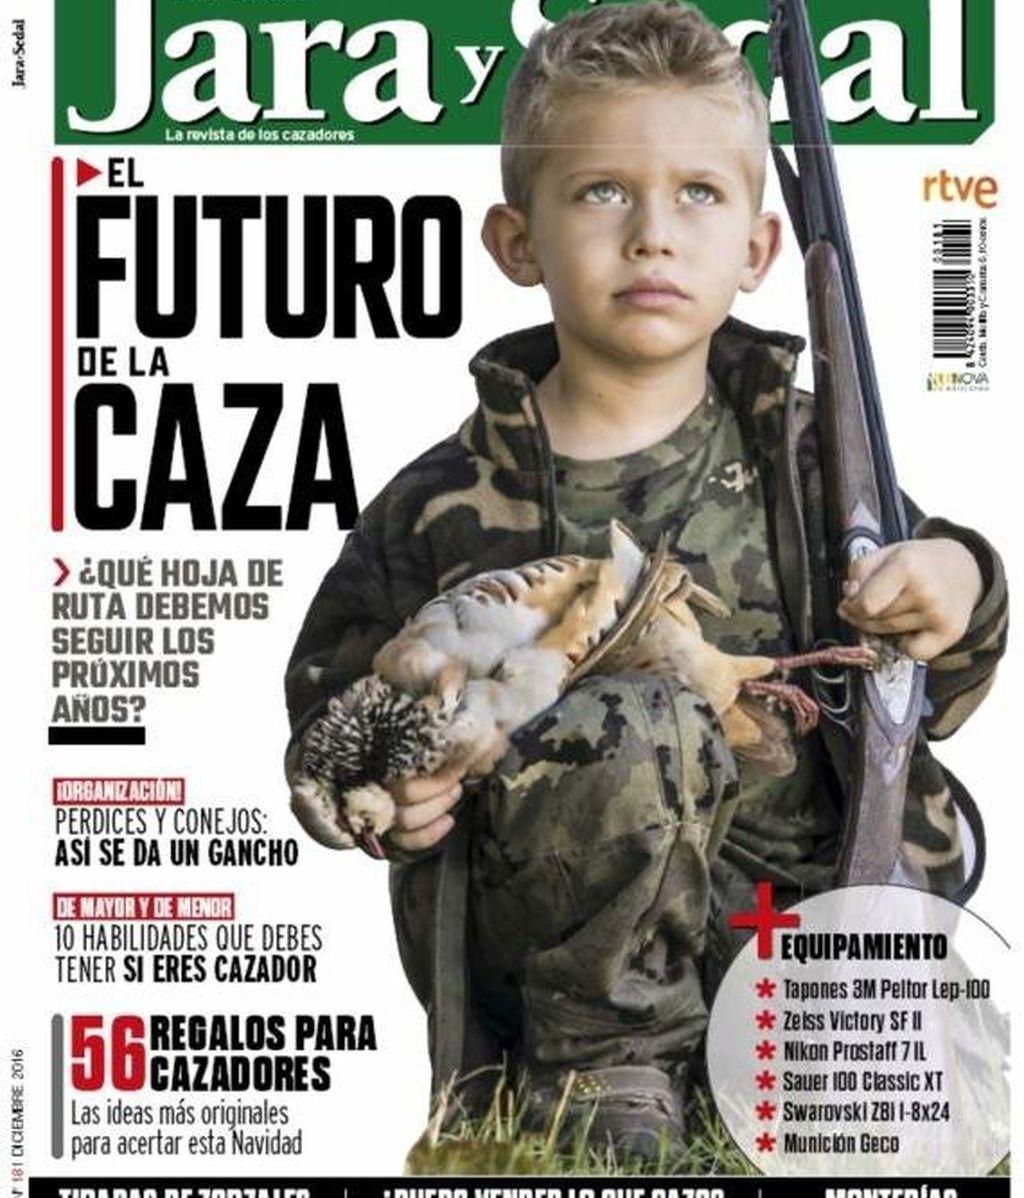 Polémica portada de la revista 'Jara y sedal'